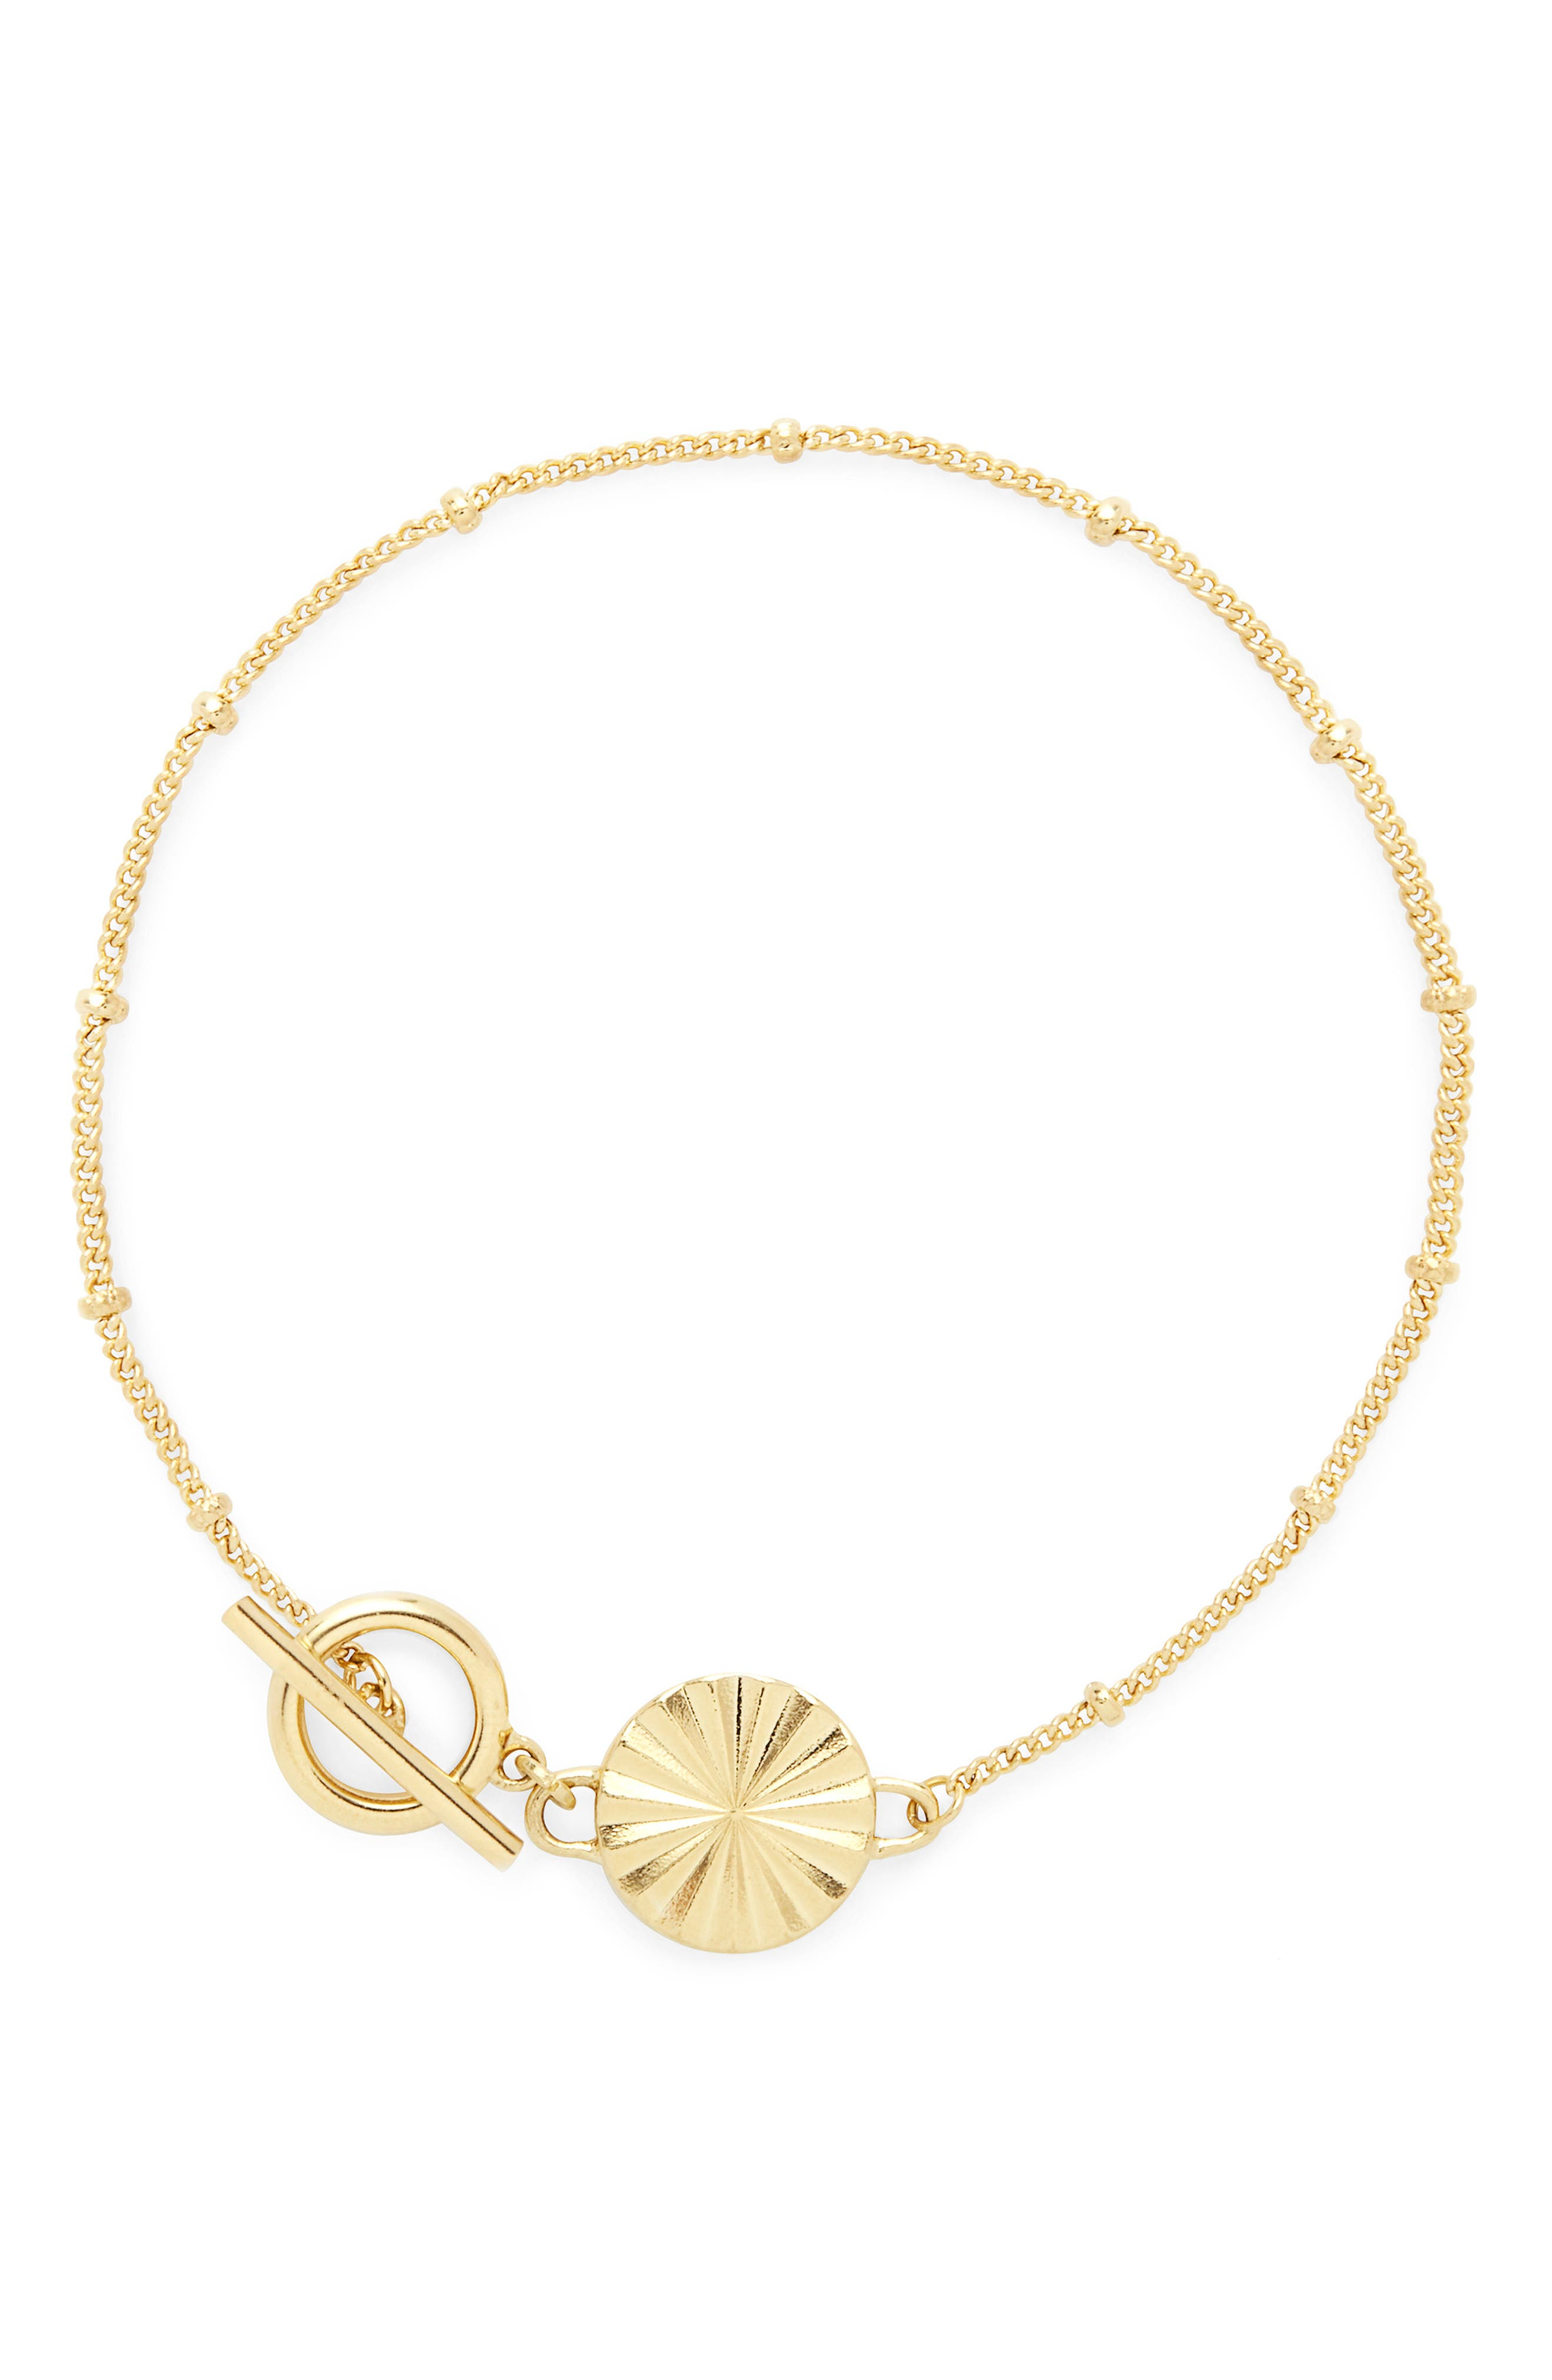 Celeste Toggle Bracelet